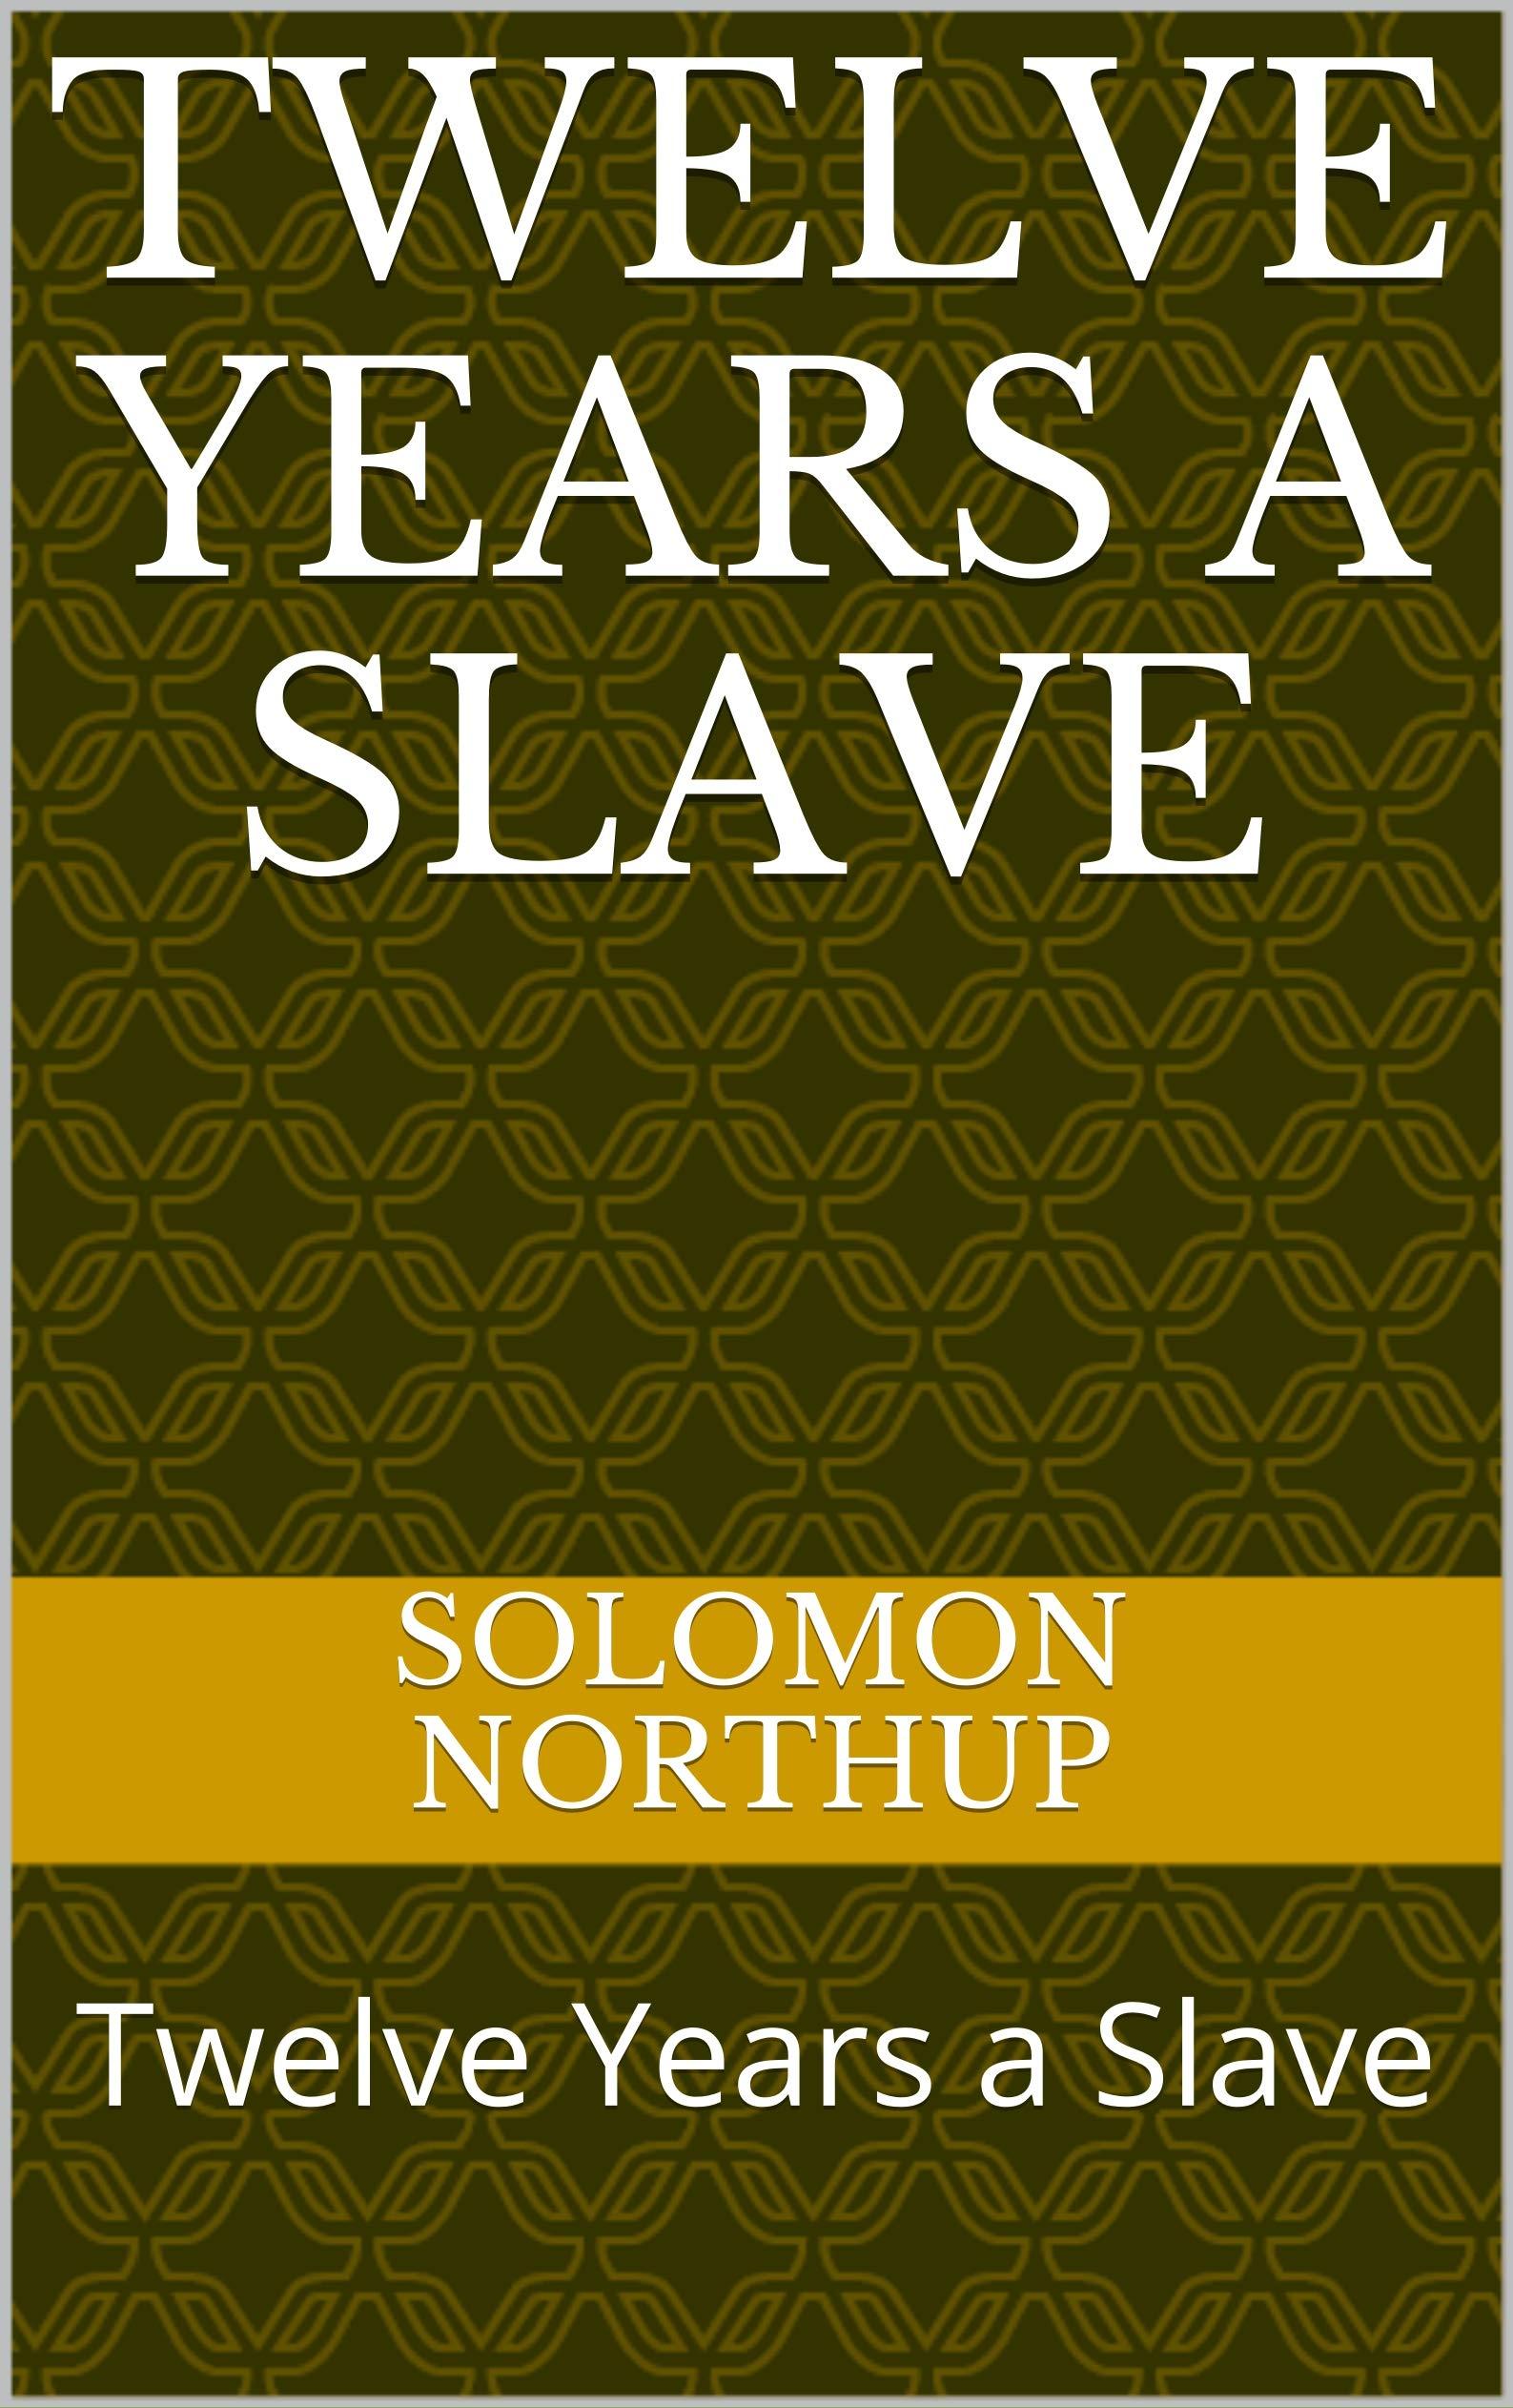 Twelve Years a Slave: Twelve Years a Slave